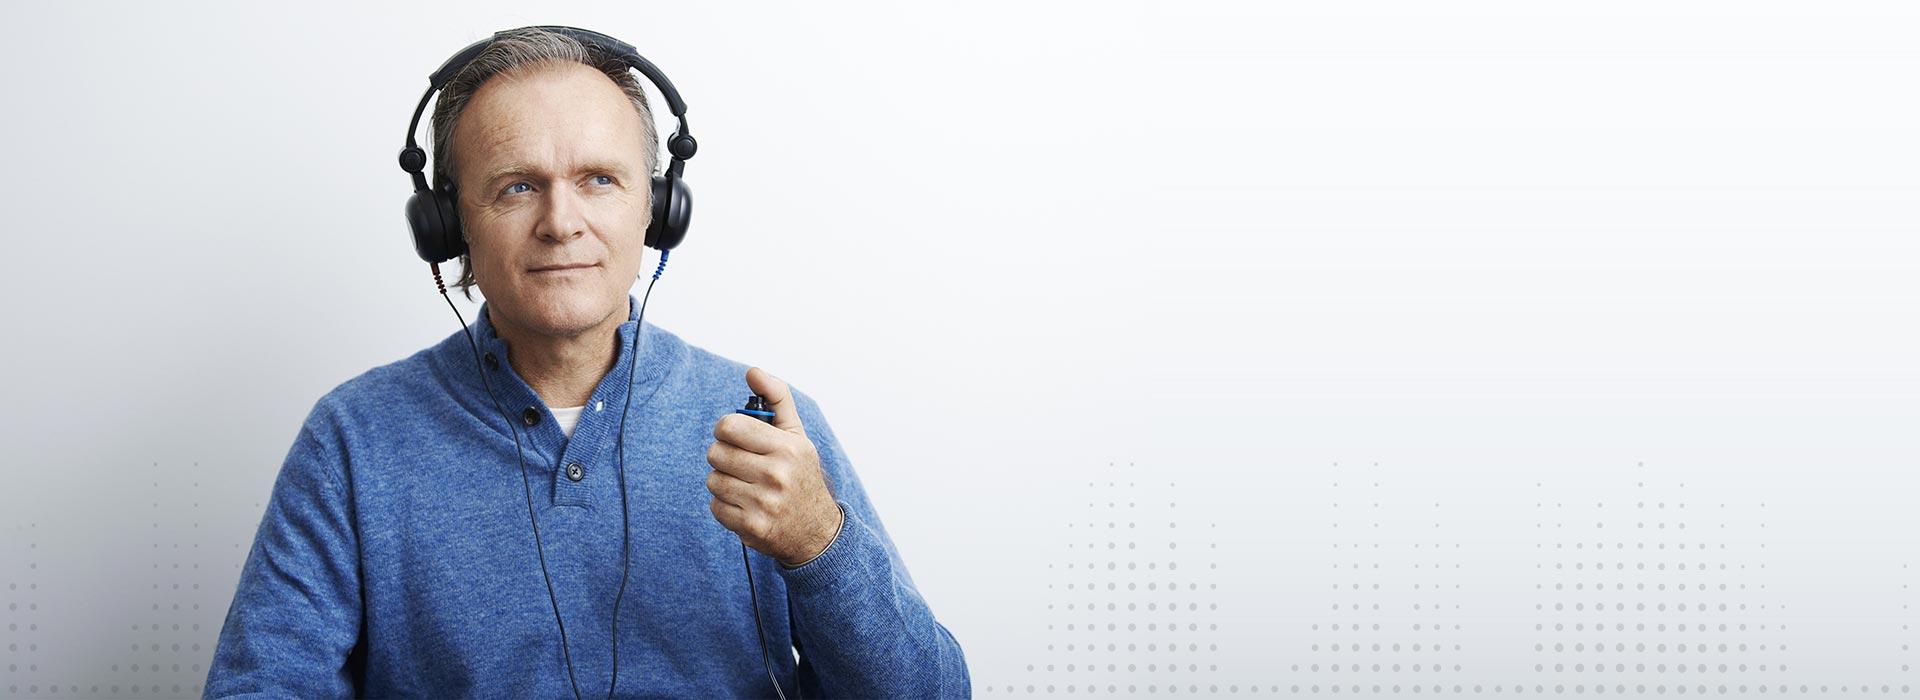 introbanner-online-hearing-test1920x700